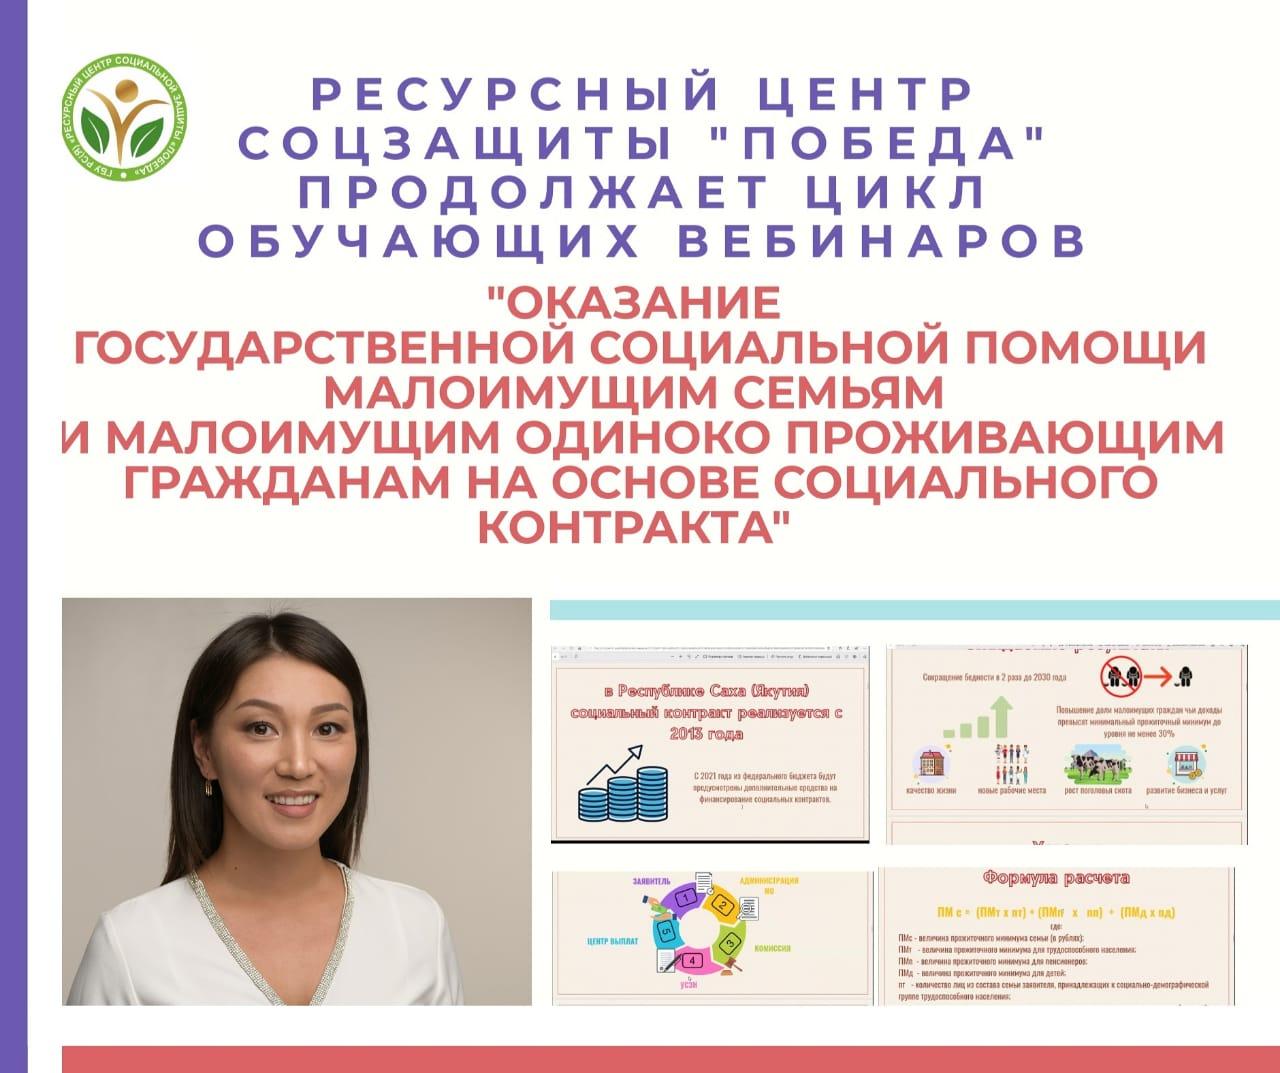 О социальных контрактах в Якутии расскажут на вебинарах